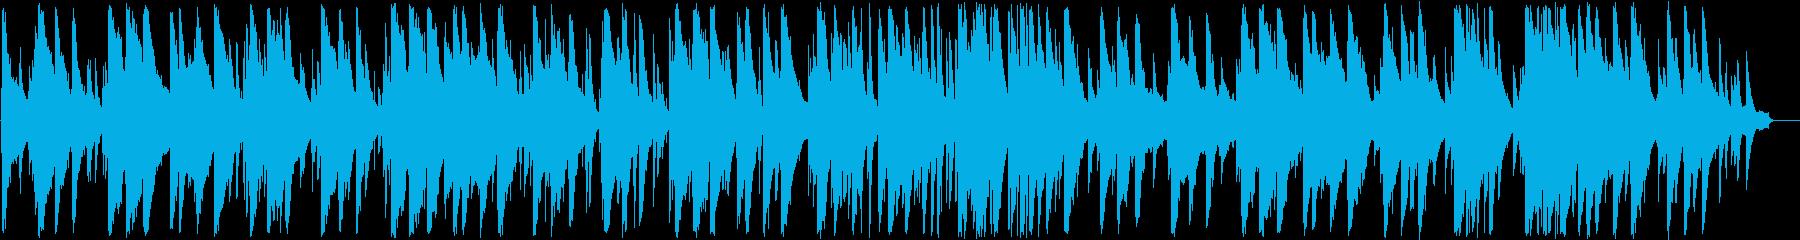 トランペットとピアノの大人ジャズの再生済みの波形